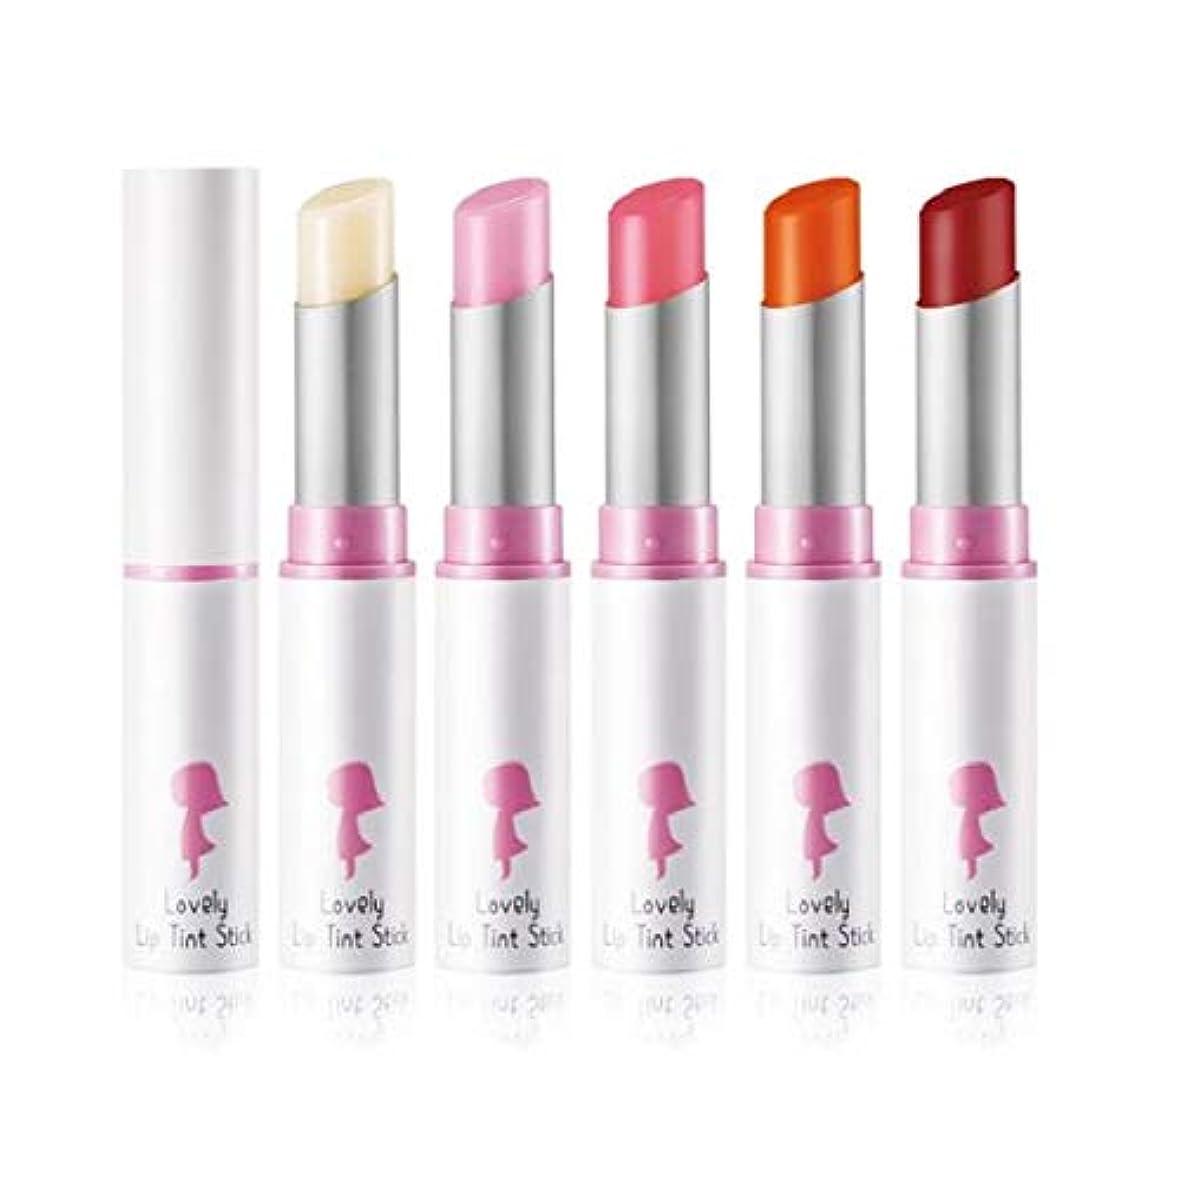 原子ビデオ感じYADAH Lovely Lip Tint Stick #02 Peach Slush 4.3g ラブリーリップティントスティック - 4.3g #2ピーチスラッシュ[並行輸入品]